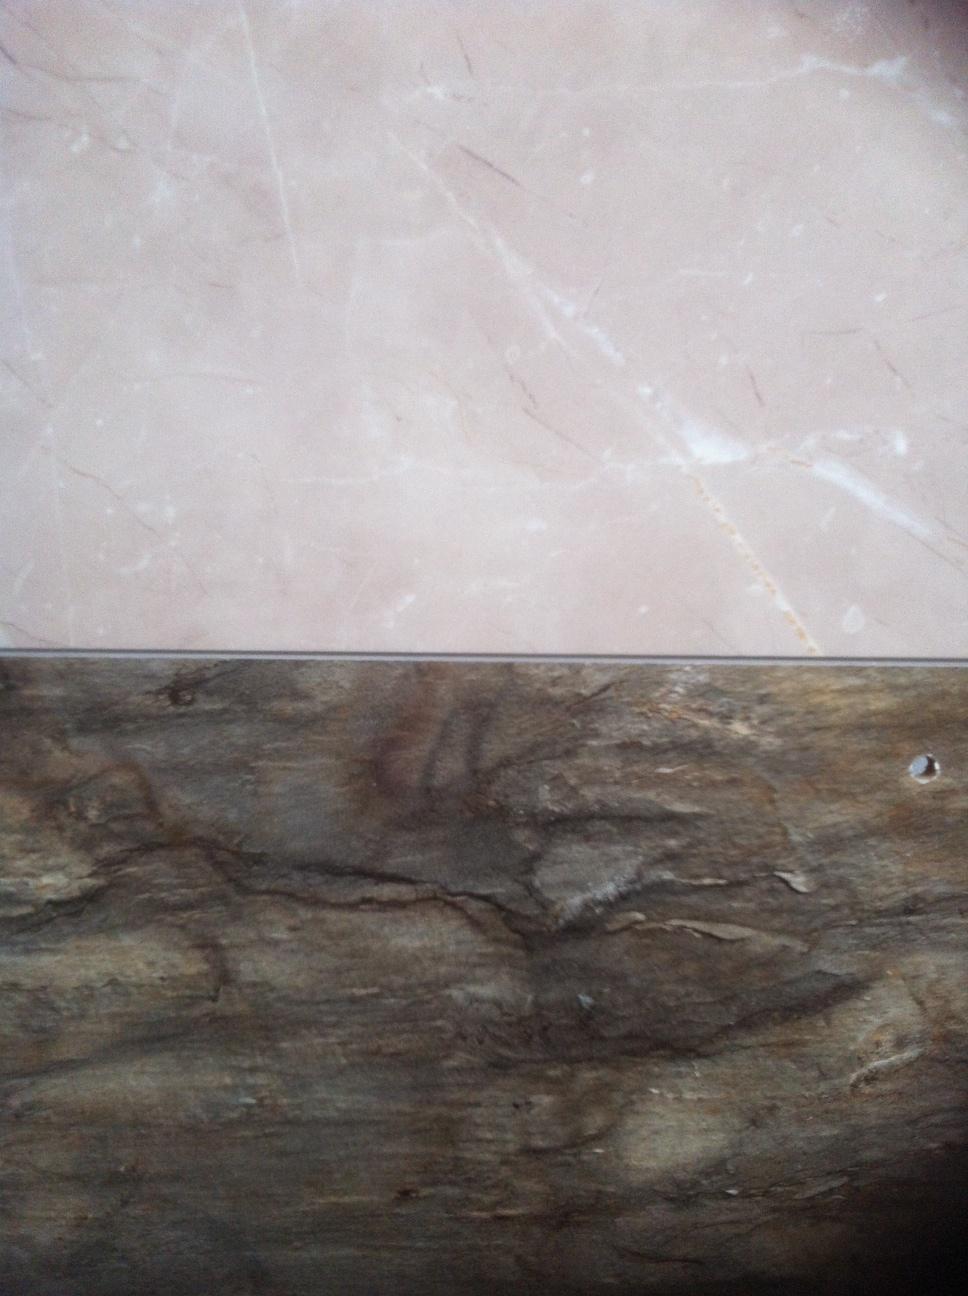 Laminate flooring ceramic laminate flooring for Ceramic tile laminate flooring